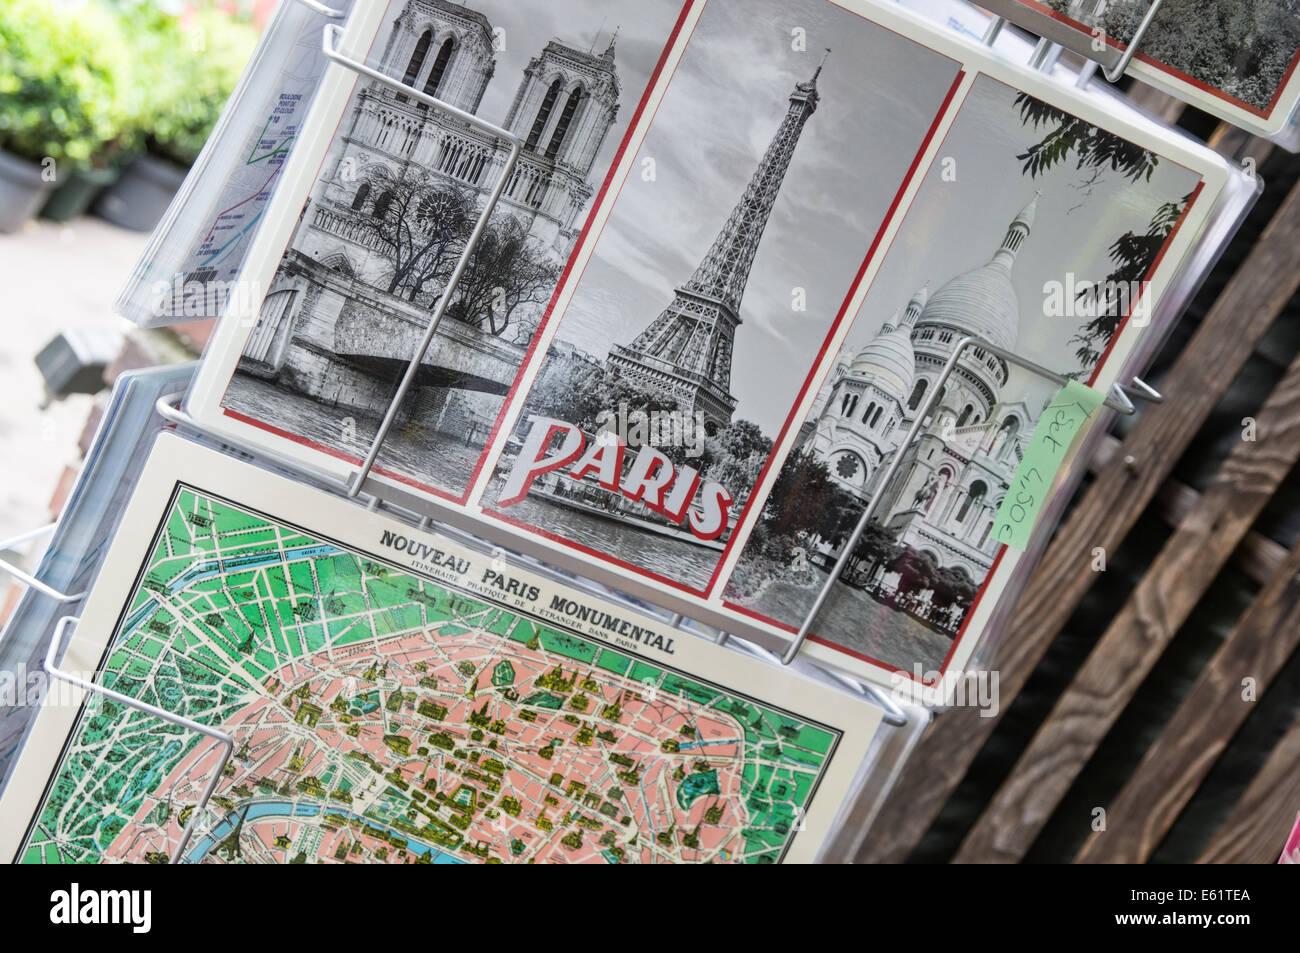 Postcards racks at flower market at Ile de la Cite in Paris, France - Stock Image